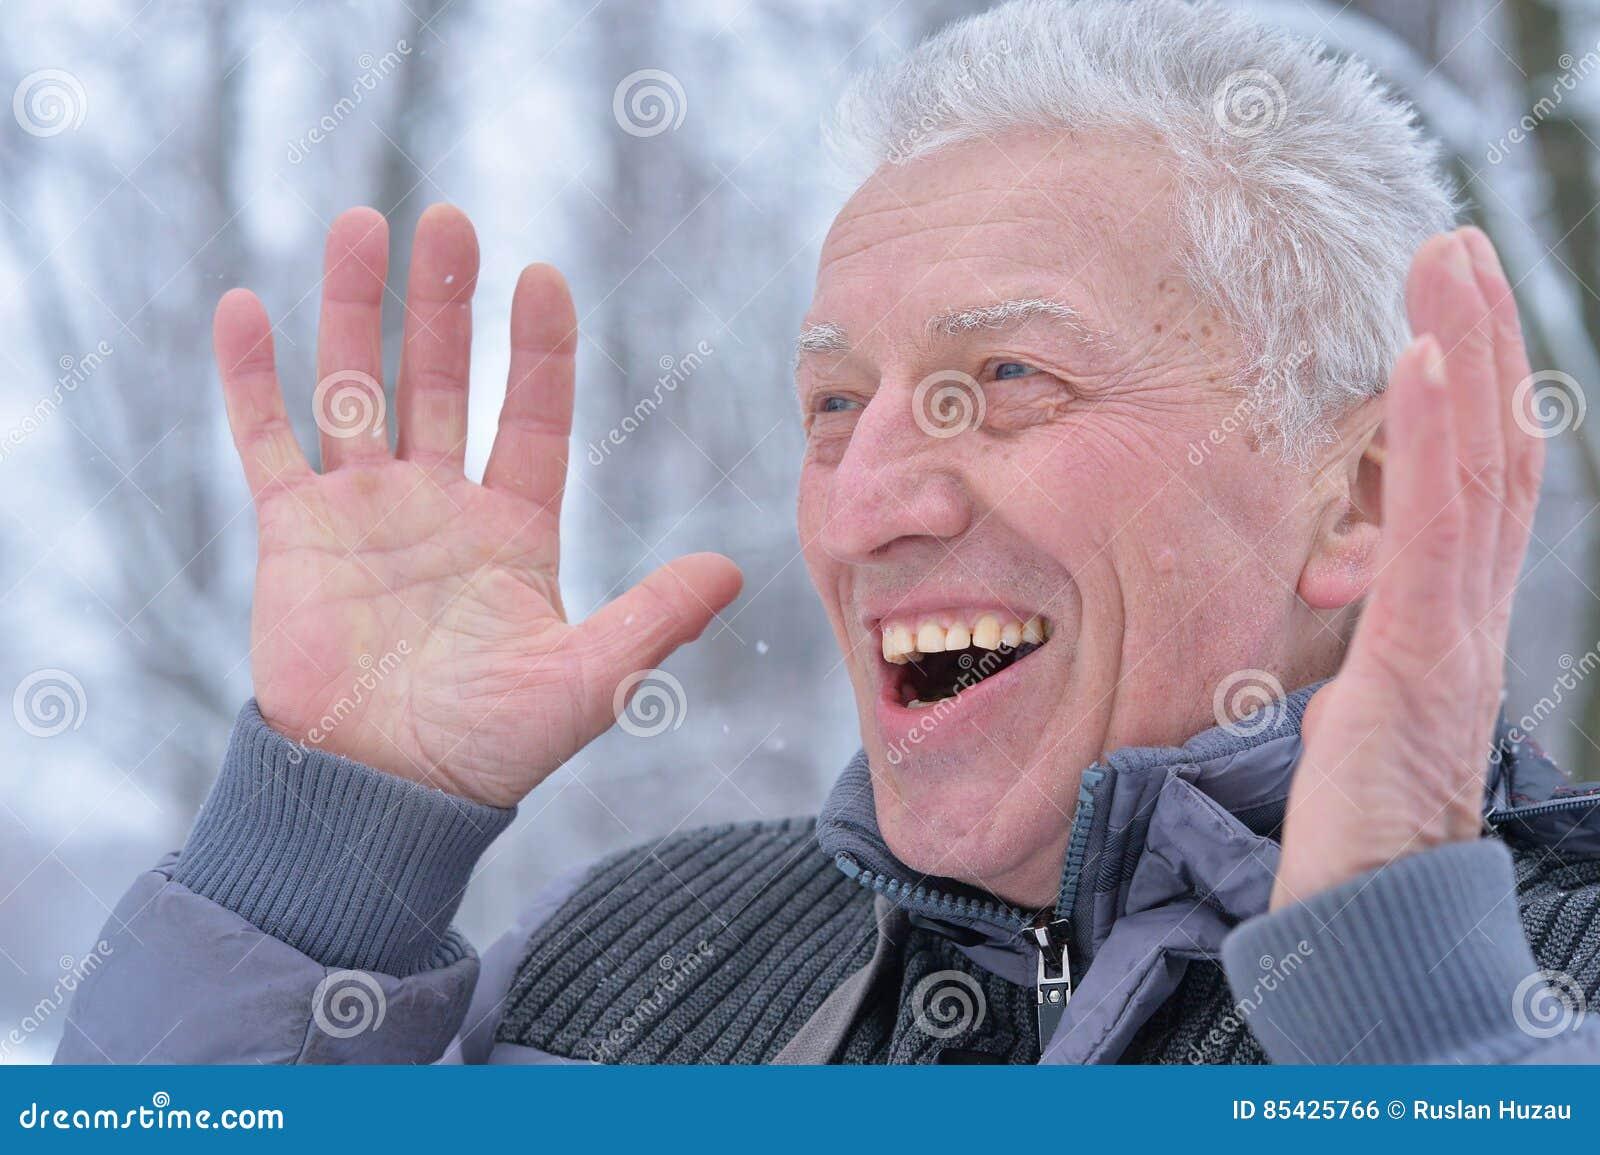 Πορτρέτο του ώριμου ατόμου με τη έκφραση του προσώπου